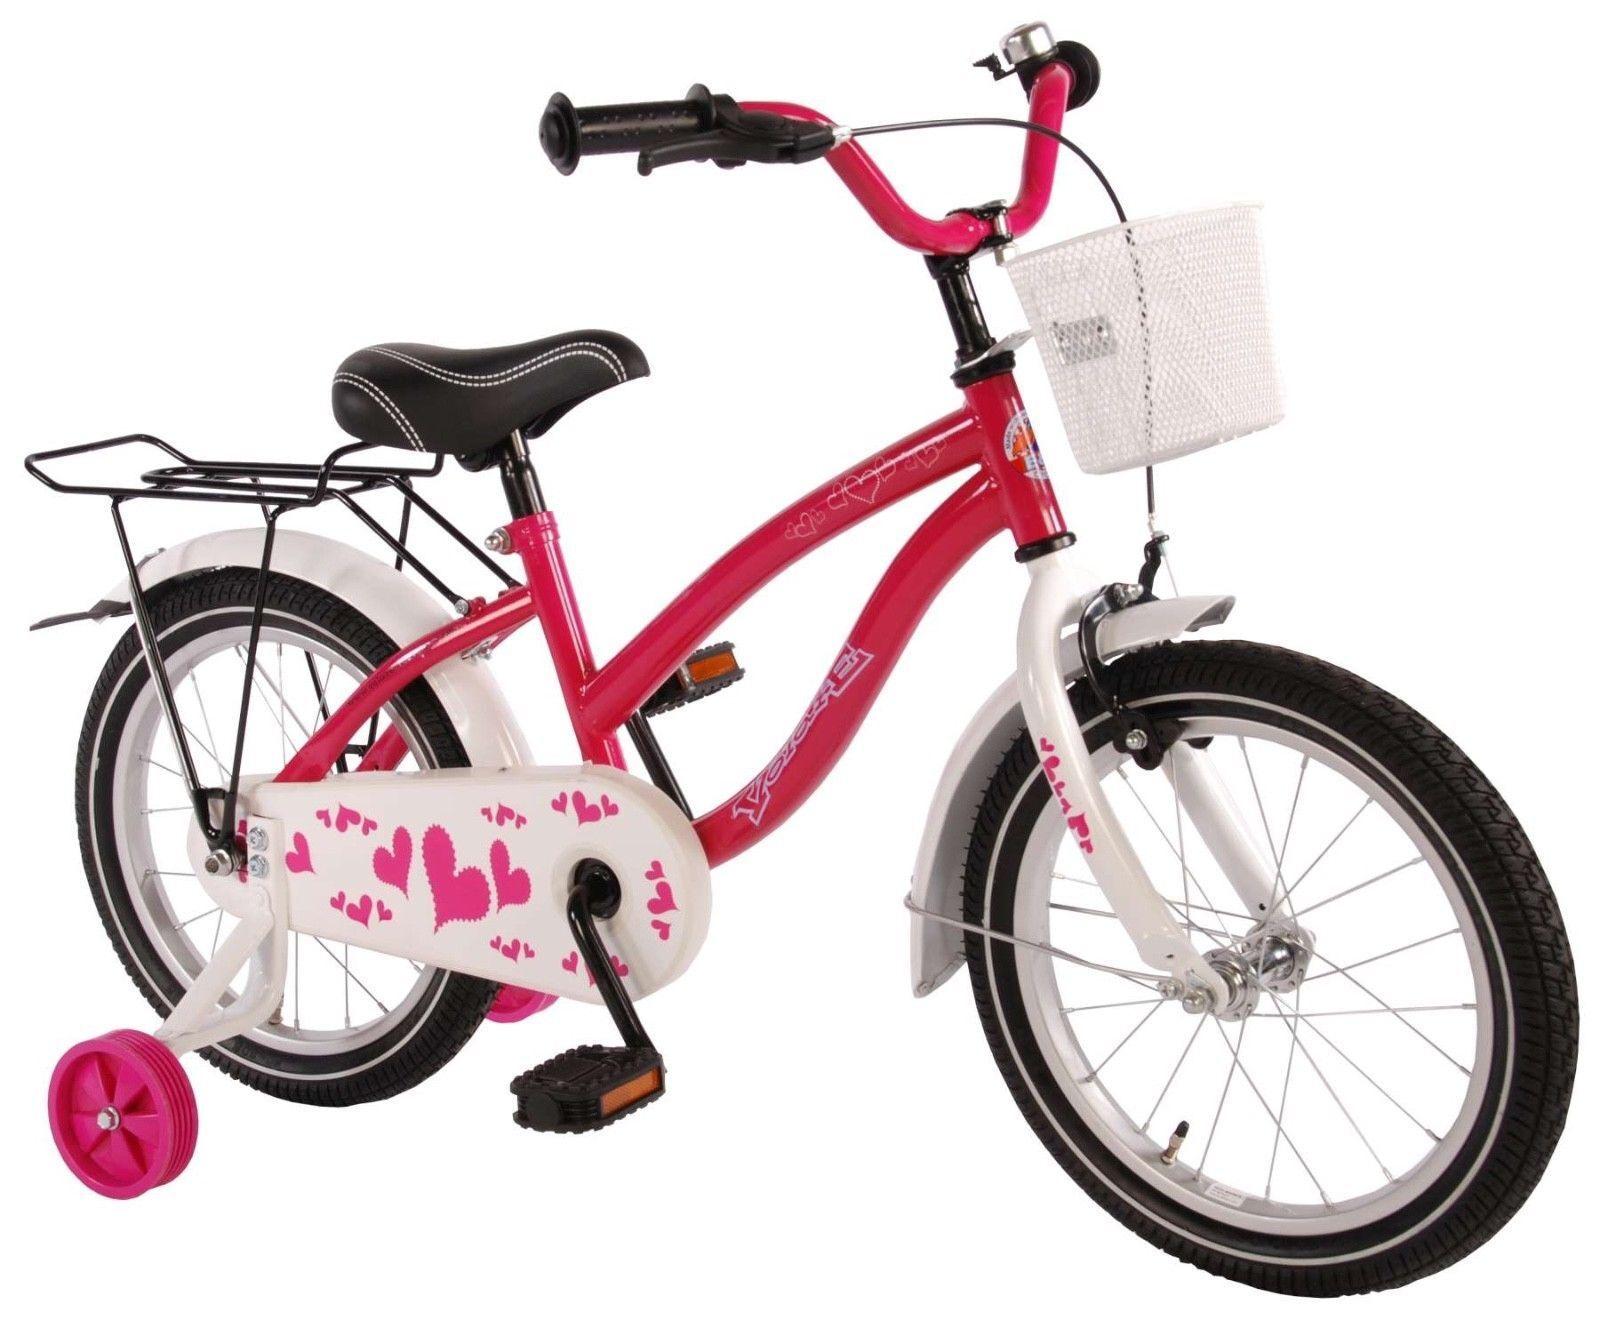 16 Zoll Fahrrad Rücktrittbremse Mädchenfahrrad Kinderfahrrad Kinderfahrrad Kinderfahrrad Mädchen Rosa 71600 5c623b